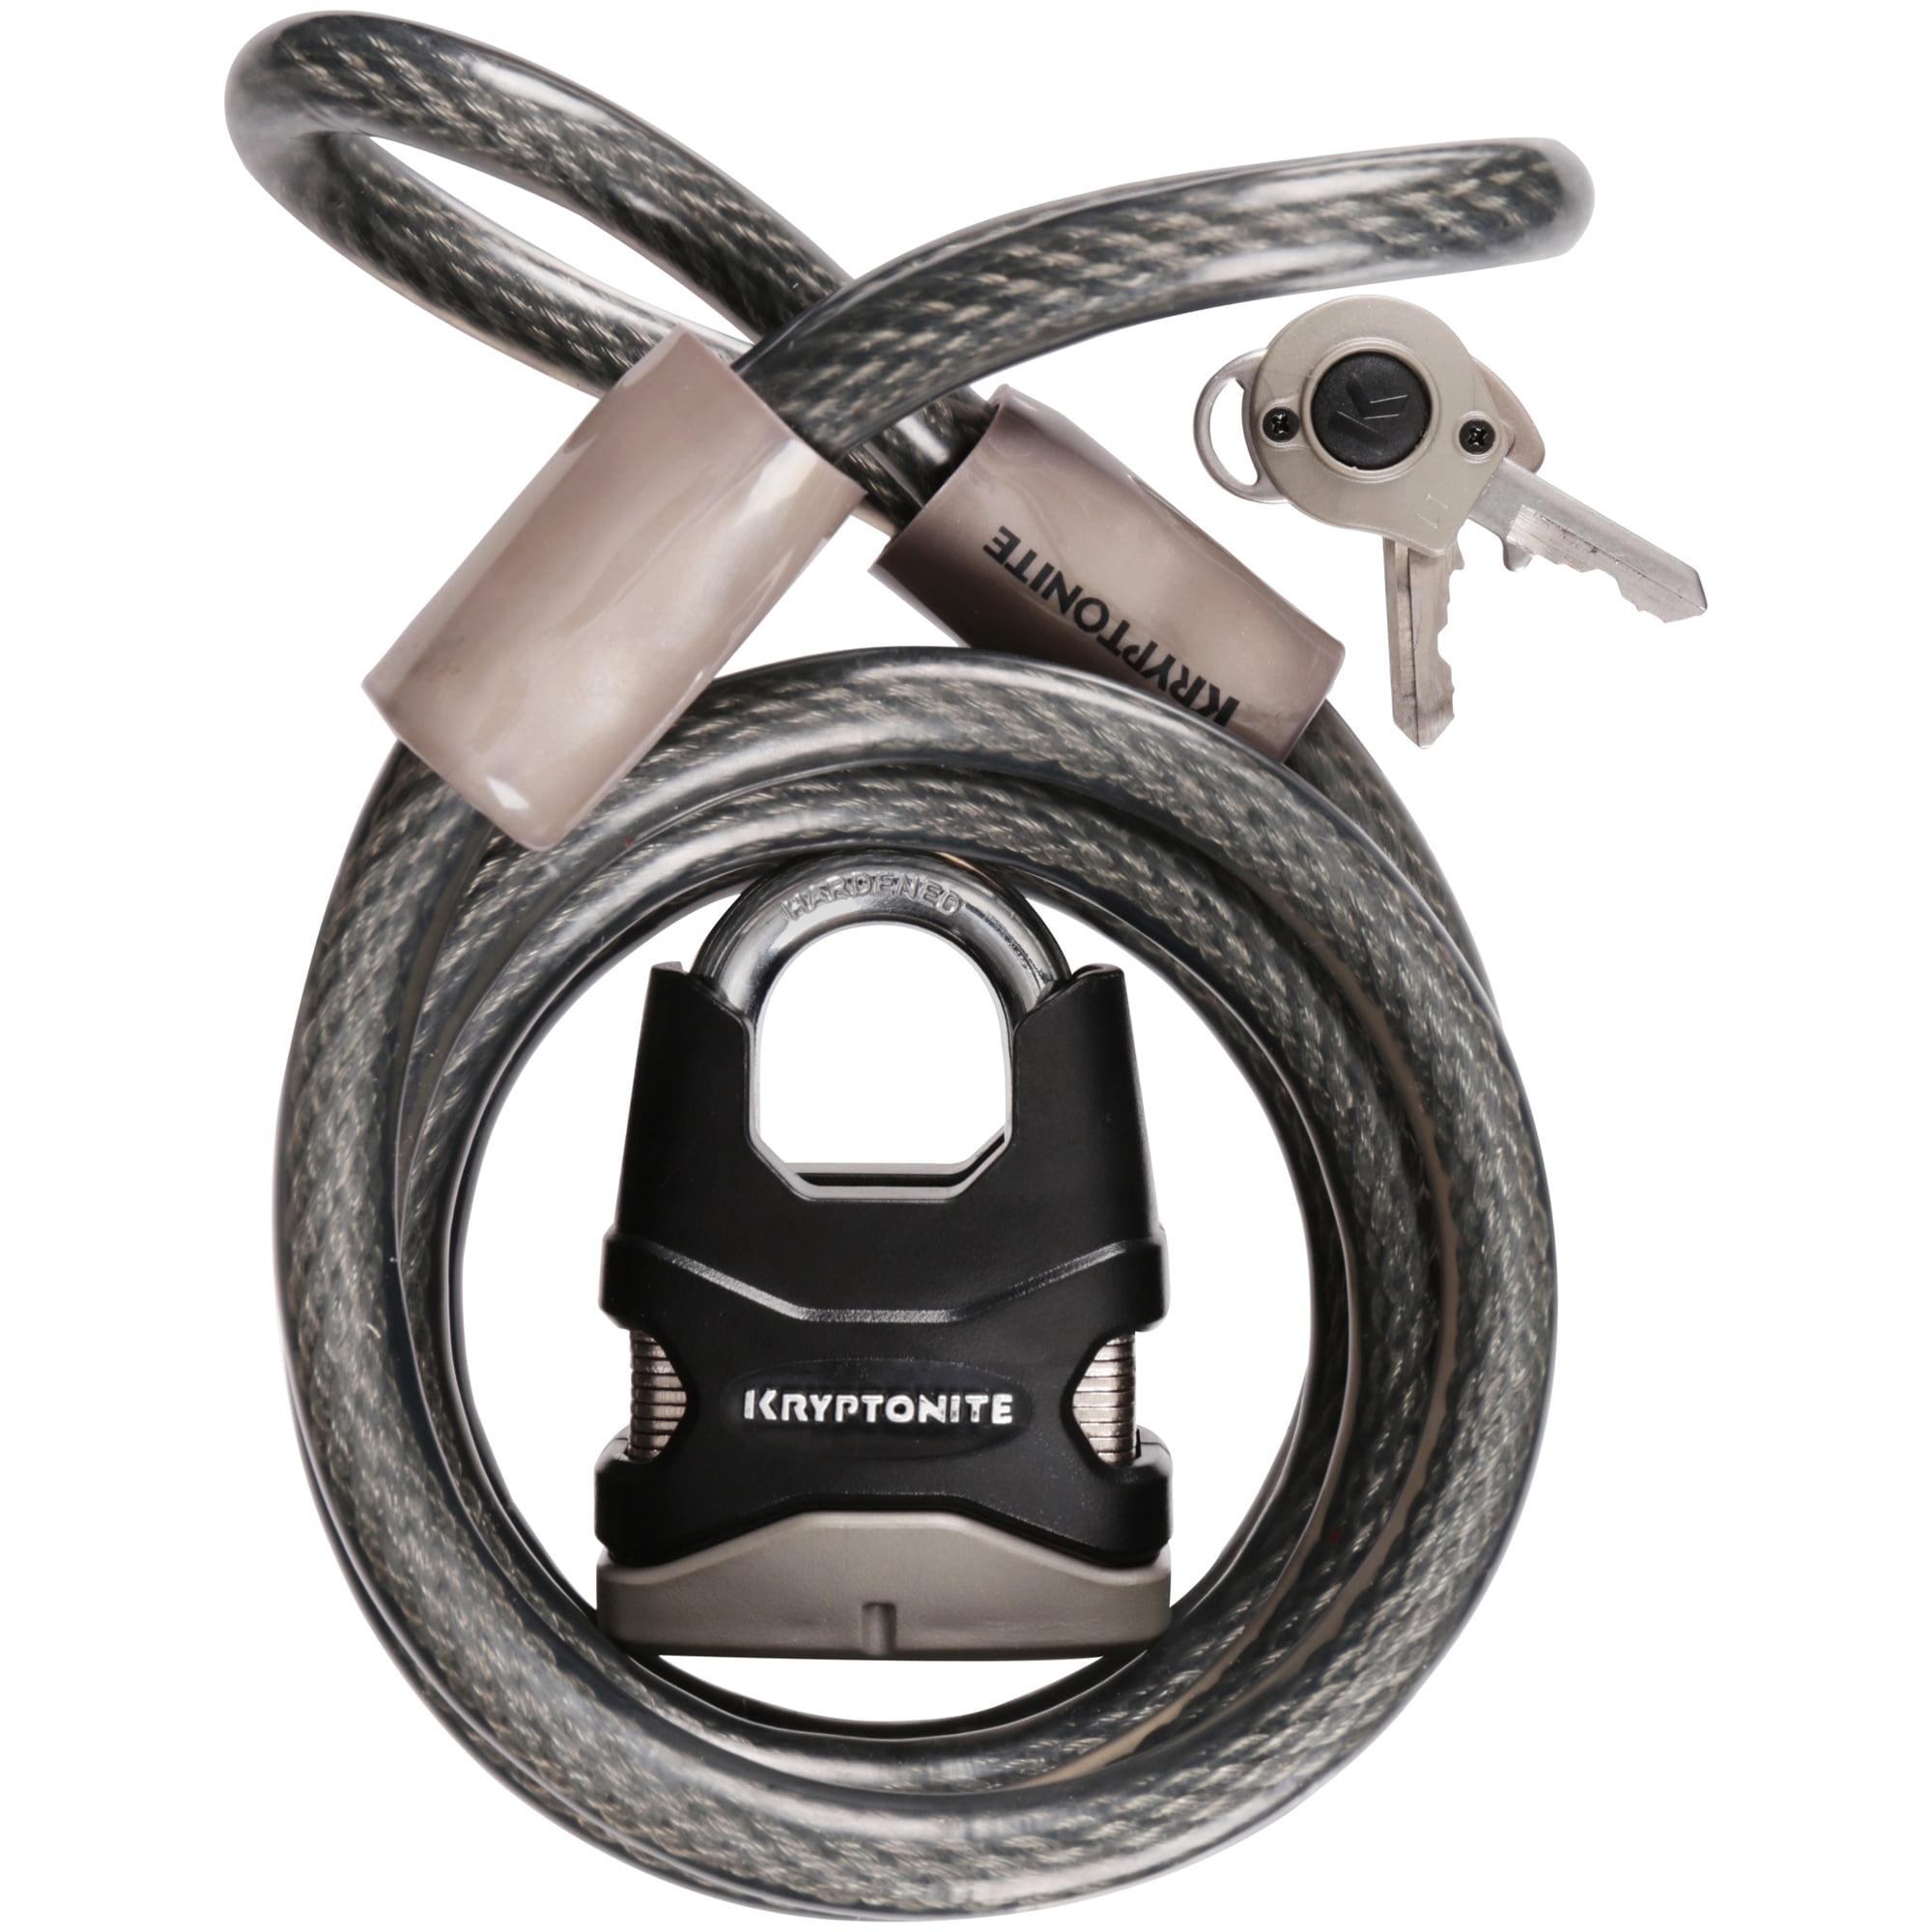 Kryptonite® Lockdown Cable & Padlock 2 pc Sleeve